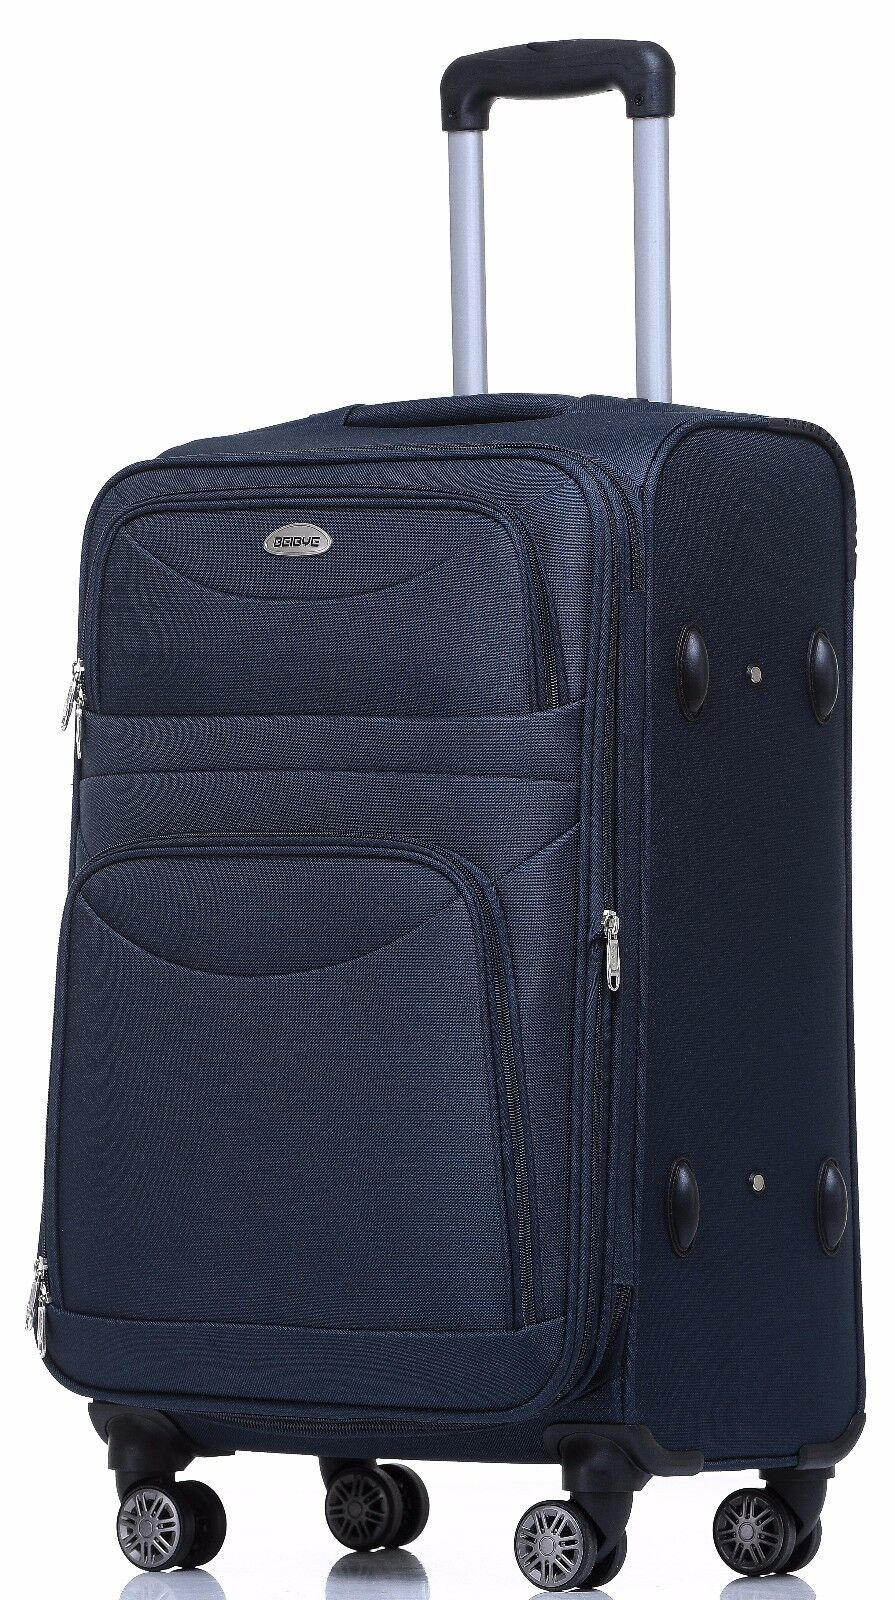 BEIBYE 8009 TSA Schloß Stoff Trolley Reisekoffer Koffer Kofferset Gepäckset